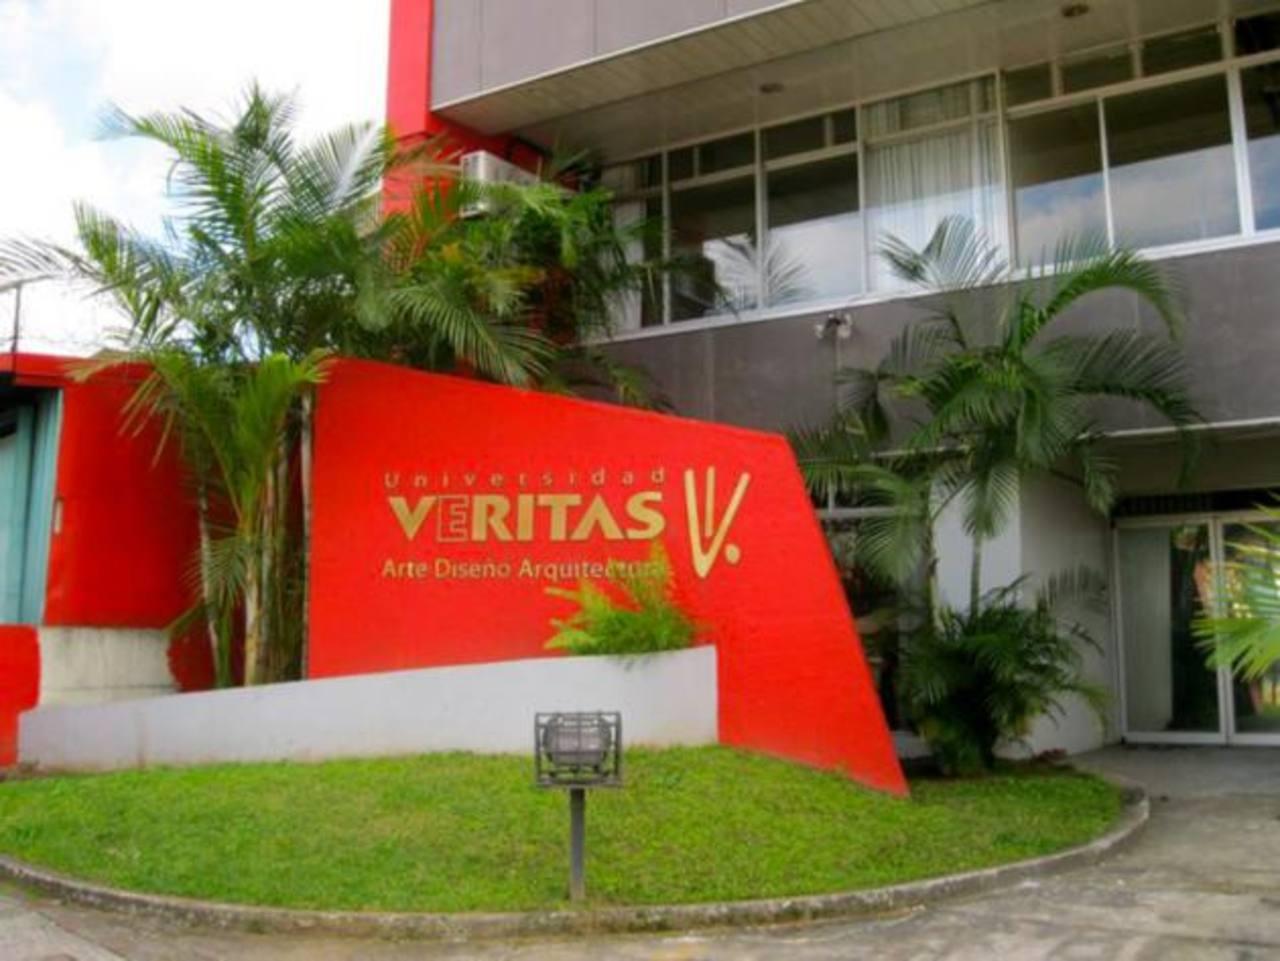 La Universidad de Véritas es una de las que más invierte en infraestructura.La industria aeronáutica genera en El Salvador $120 millones anuales en venta de servicios. Omar Carbonero